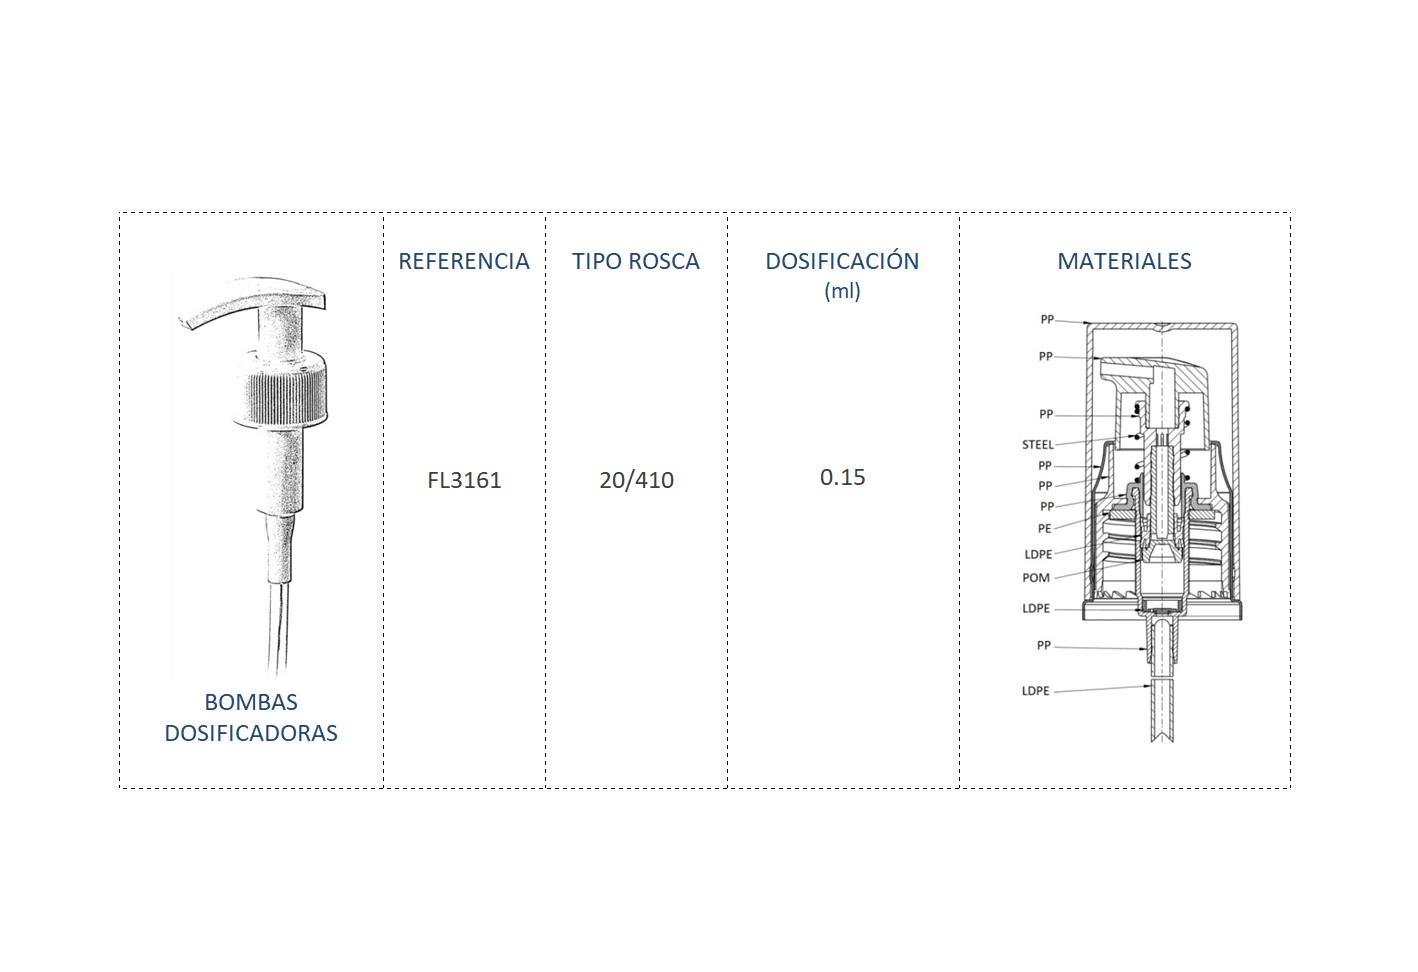 Cuadro materiales bomba dosificadora FL3161 20/410